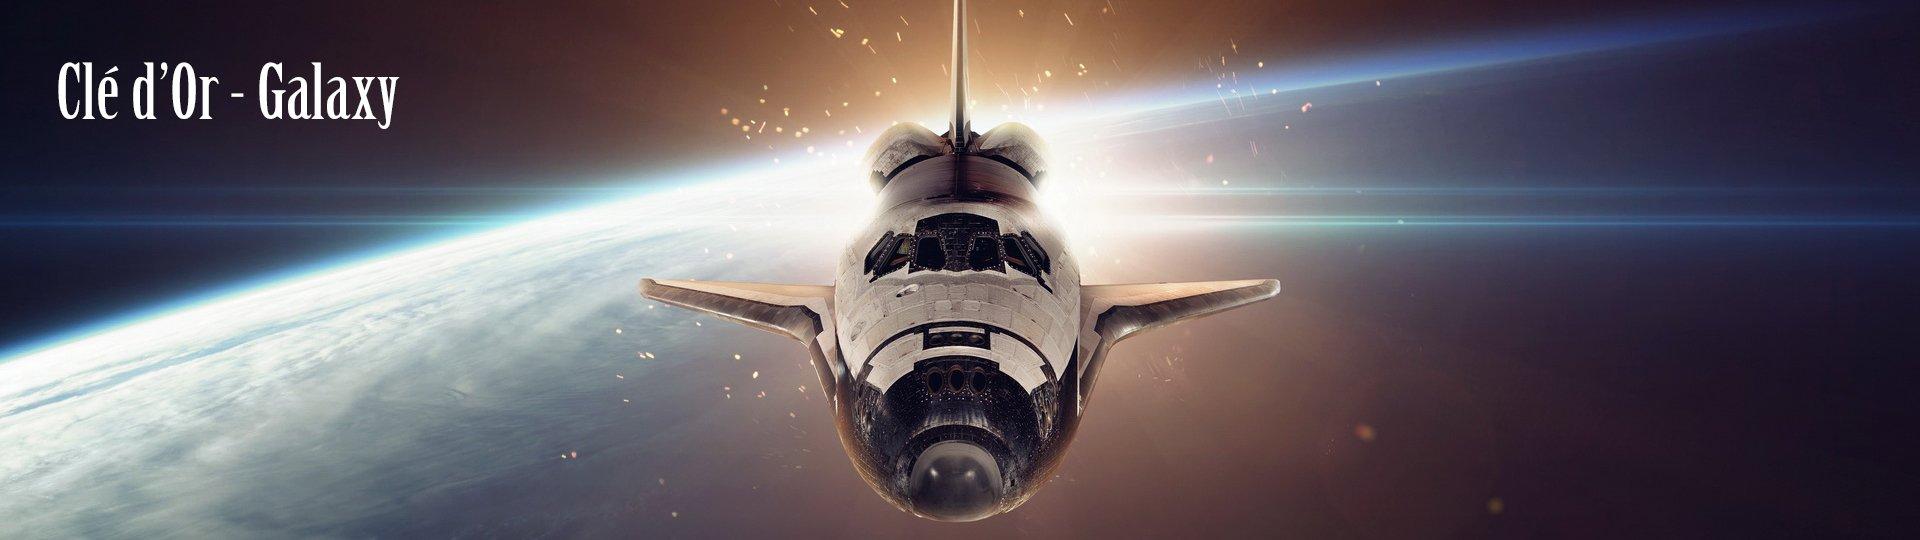 Les escape games pour ados à Nice vous font voyager dans l'espace.jpg